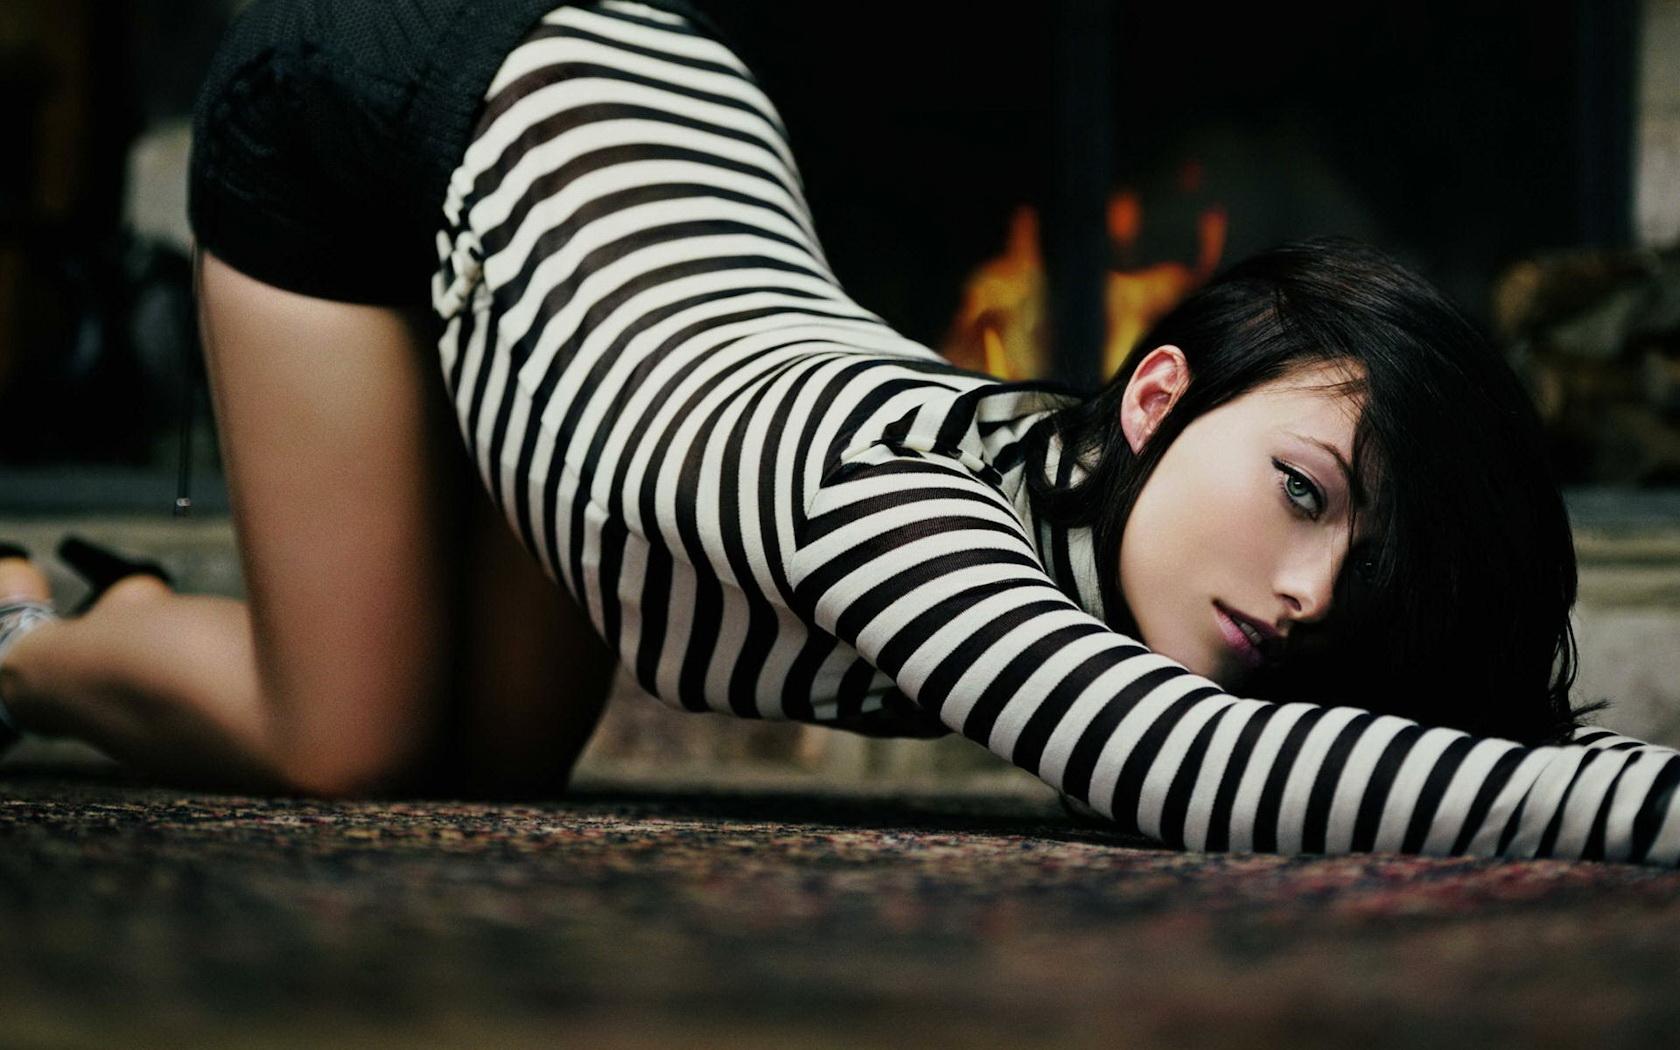 Сексуальная девушка в тельняшке 11 фотография